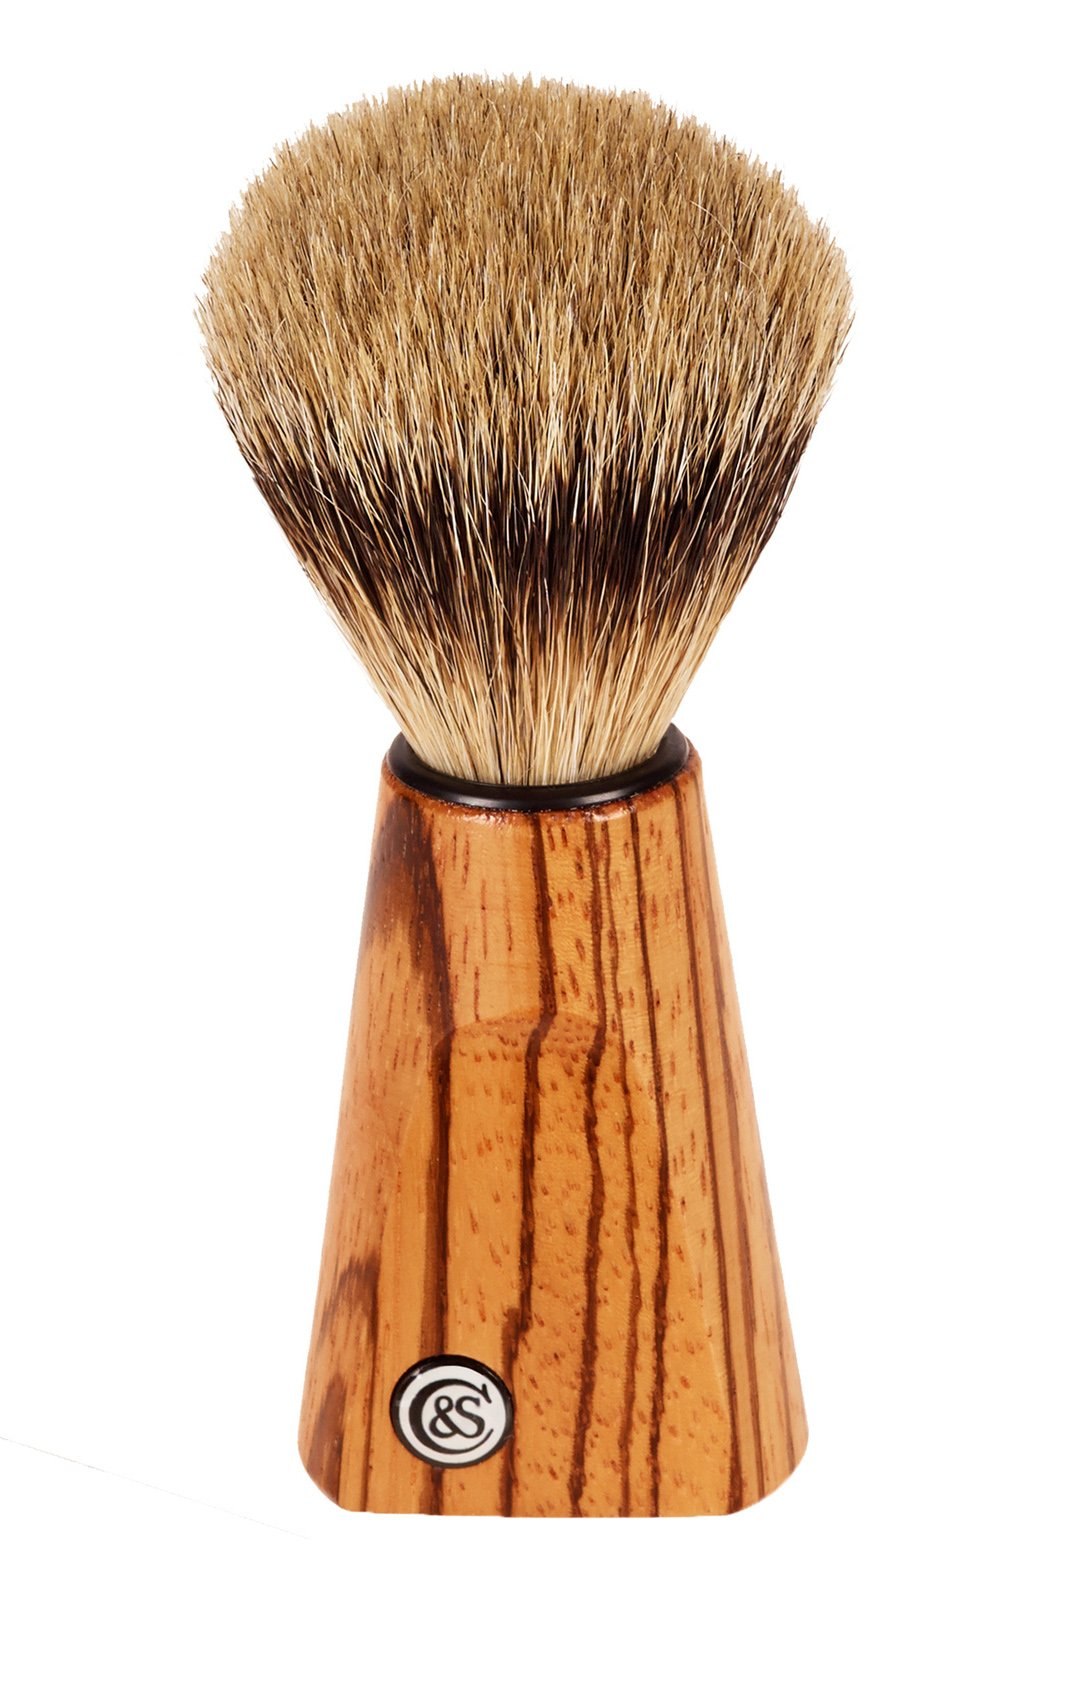 Czech & Speake Luxury Zebrano Wood Silver Tip Badger Shaving Brush by CZECH & SPEAKE